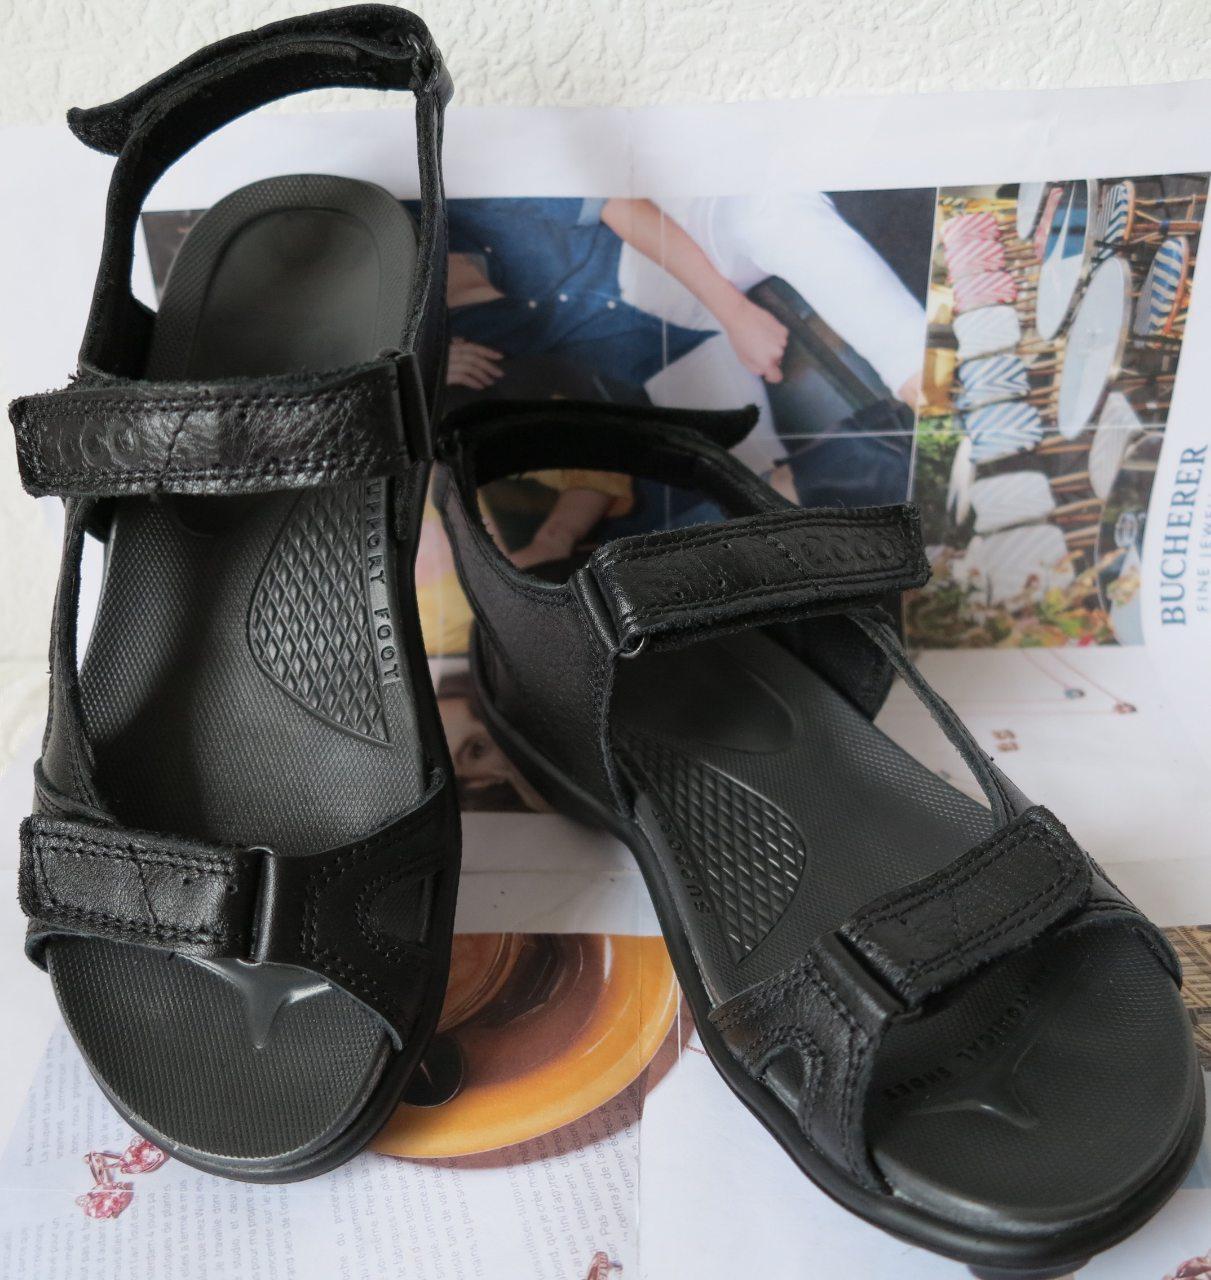 4693ce200 Ecco Супер! Женские сандалии в стиле Экко летние из натуральной кожи  босоножки черного цвета, ...